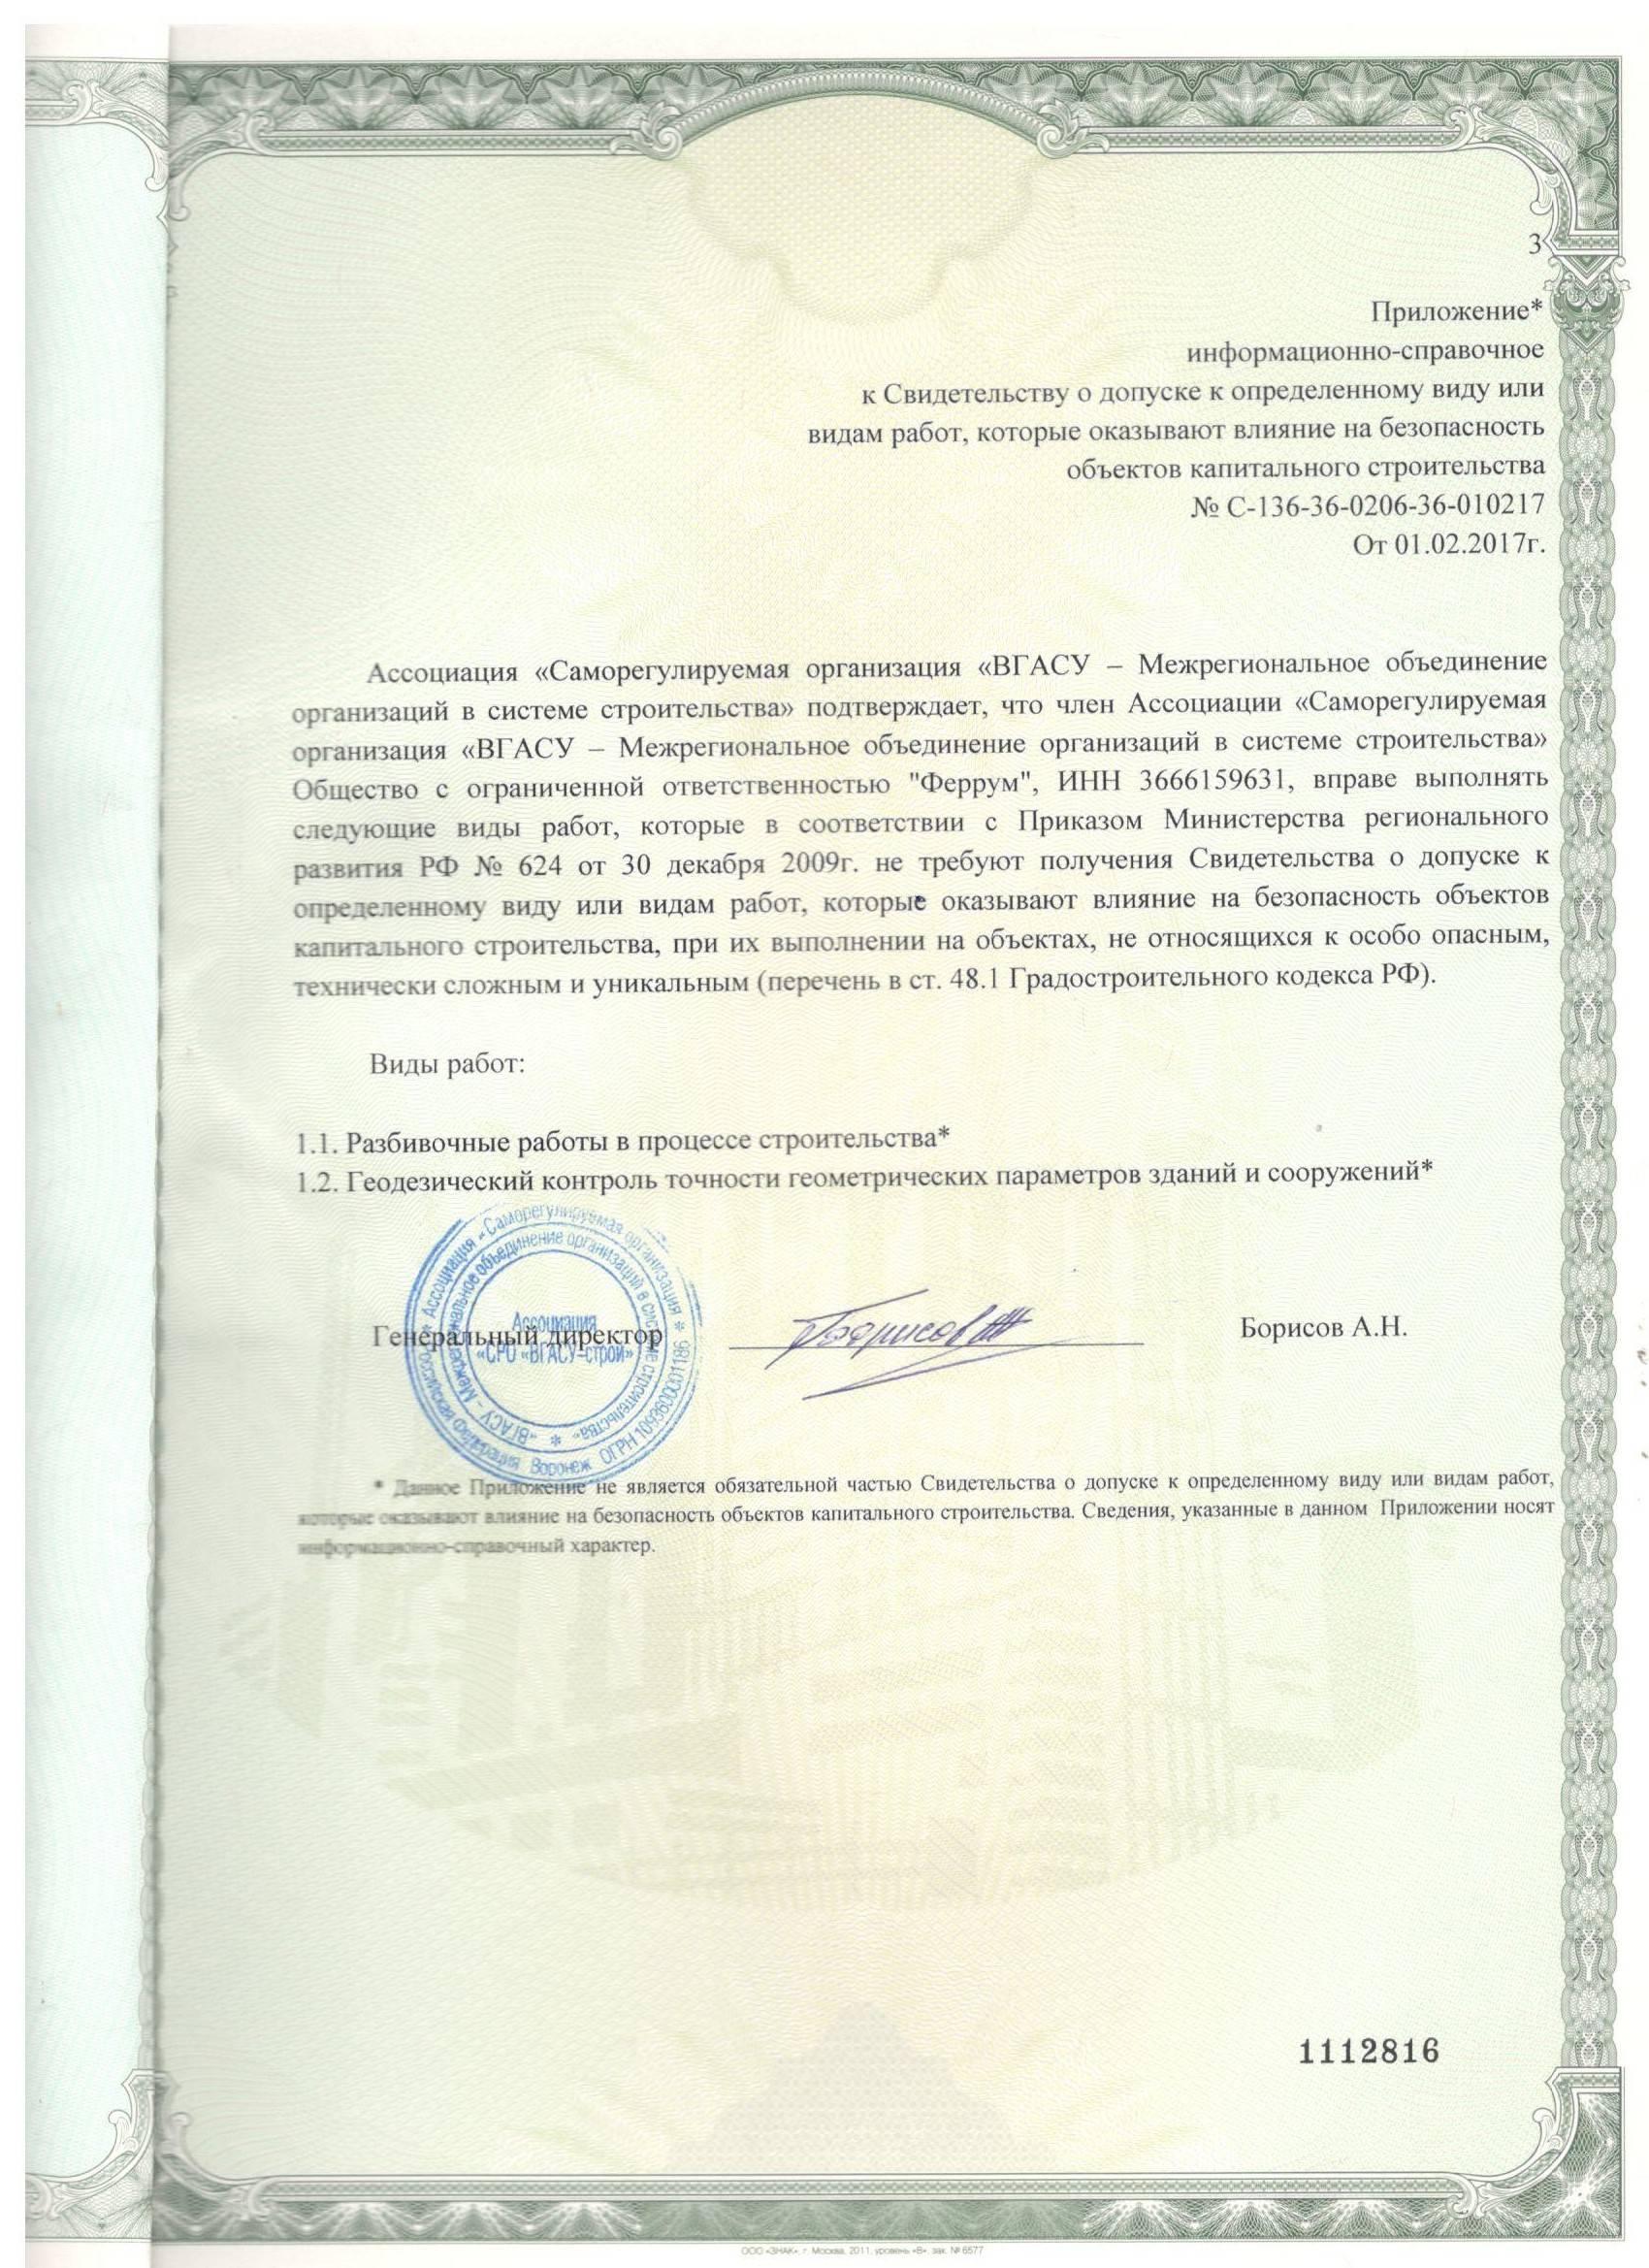 Скан СРО НП ВГАСУ страница №3